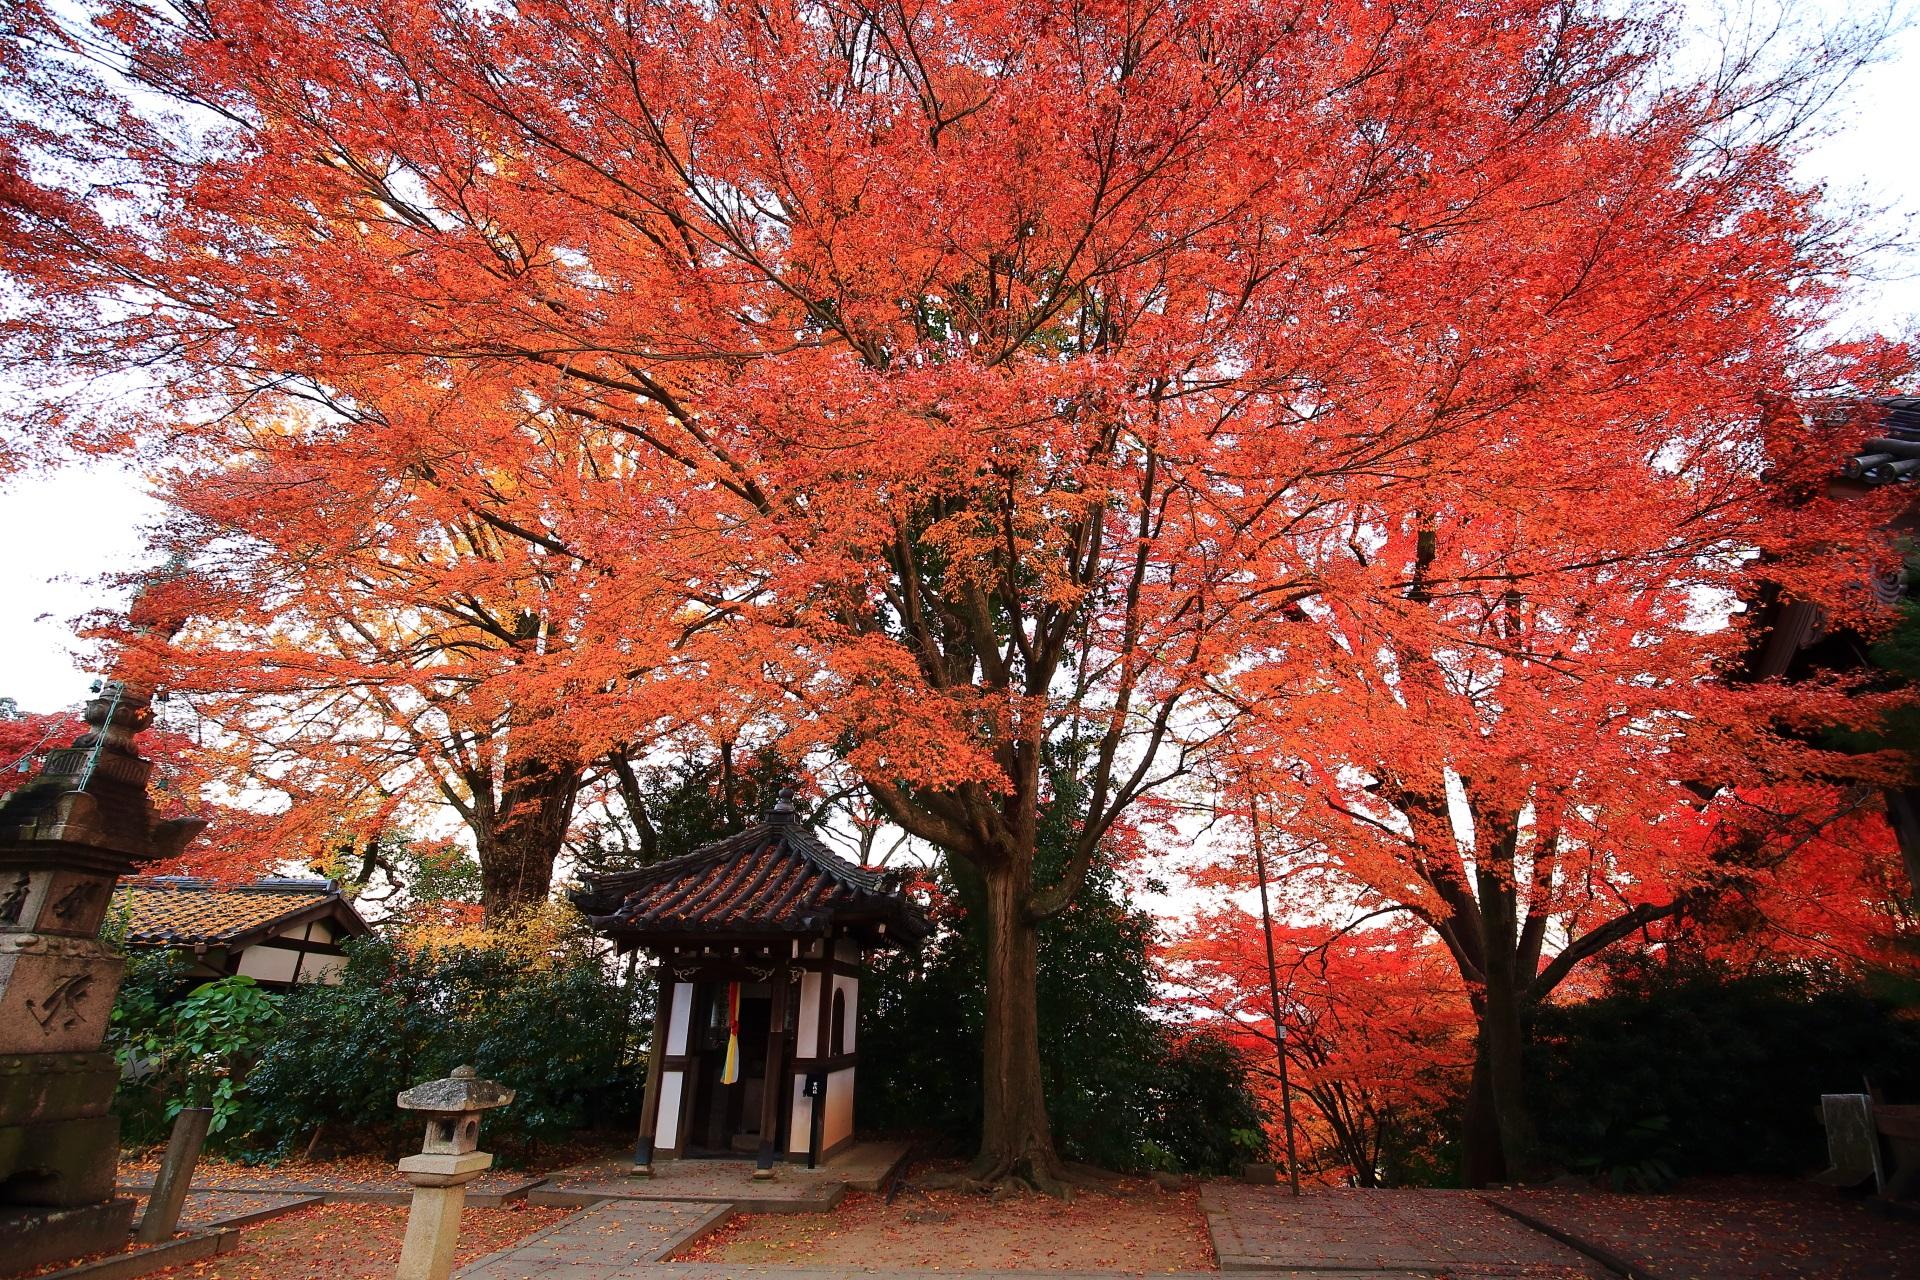 山崎聖天の石段上の空を覆うような雄大な紅葉